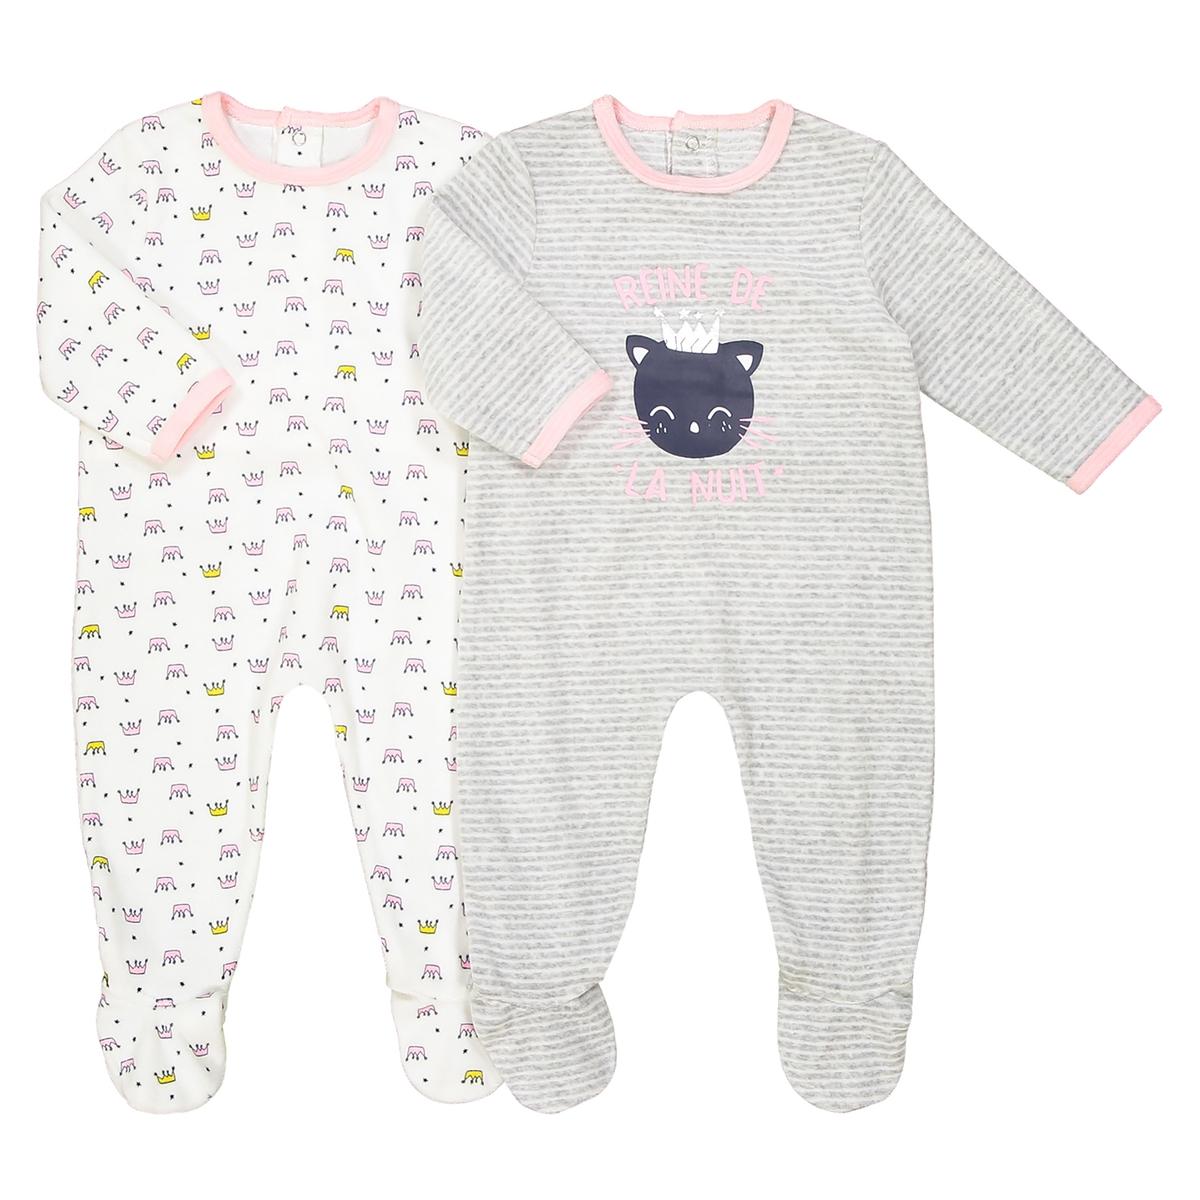 2 пижамы с длинными рукавами 0-3 лет Oeko TexОписание:Комплект из 2 пижам из очень мягкого велюра для комфортных снов ребенка. Пижамы с очаровательными рисунками.Детали •  2 пижамы : 1 пижама с рисунком короны + 1 пижама с рисунком в полоску и набивным рисунком кошка. •  Длинные рукава. •  Круглый вырез. •  Носки с противоскользящими элементами для размеров от 12 месяцев  (74 см). Состав и уход •  Материал : 75% хлопка, 25% полиэстера. •  Стирать при температуре 30° на деликатном режиме с вещами схожих цветов. •  Стирать и гладить с изнанки при низкой температуре. •  Деликатная сушка в машинке.Товарный знак Oeko-Tex® . Знак Oeko-Tex® гарантирует, что товары прошли проверку и были изготовлены без применения вредных для здоровья человека веществ.<br><br>Цвет: экрю + серый меланж<br>Размер: 0 мес. - 50 см.3 года - 94 см.3 мес. - 60 см.1 мес. - 54 см.1 год - 74 см.9 мес. - 71 см.2 года - 86 см.6 мес. - 67 см.18 мес. - 81 см